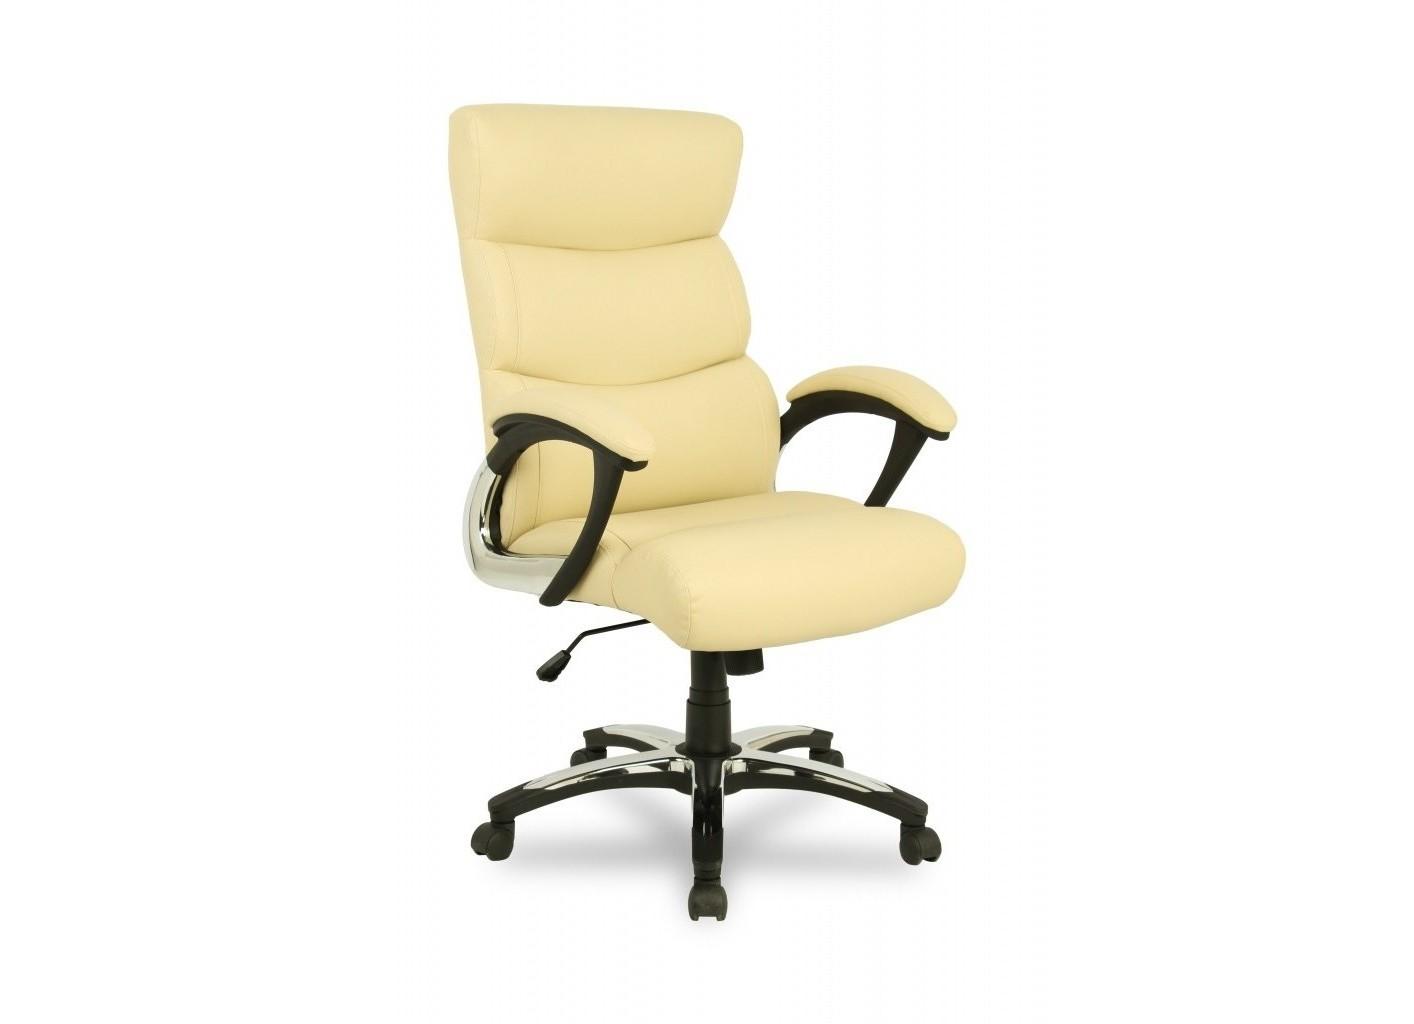 Кресло CollegeРабочие кресла<br>&amp;lt;div&amp;gt;Кресло руководителя бизнес-класса&amp;amp;nbsp;&amp;lt;/div&amp;gt;&amp;lt;div&amp;gt;&amp;lt;br&amp;gt;&amp;lt;/div&amp;gt;&amp;lt;div&amp;gt;Конструкция:&amp;amp;nbsp;&amp;lt;/div&amp;gt;&amp;lt;div&amp;gt;Механизм качания с регулировкой под вес и фиксацией в вертикальном положении&amp;amp;nbsp;&amp;lt;/div&amp;gt;&amp;lt;div&amp;gt;Регулировка высоты (газлифт)&amp;amp;nbsp;&amp;lt;/div&amp;gt;&amp;lt;div&amp;gt;Подлокотники выполнены из ударопрочного пластика с мягкими накладками.&amp;amp;nbsp;&amp;lt;/div&amp;gt;&amp;lt;div&amp;gt;Материал обивки: кожа PU&amp;amp;nbsp;&amp;lt;/div&amp;gt;&amp;lt;div&amp;gt;Ограничение по весу: 120 кг&amp;lt;/div&amp;gt;<br><br>Material: Кожа<br>Ширина см: 70<br>Высота см: 116<br>Глубина см: 78